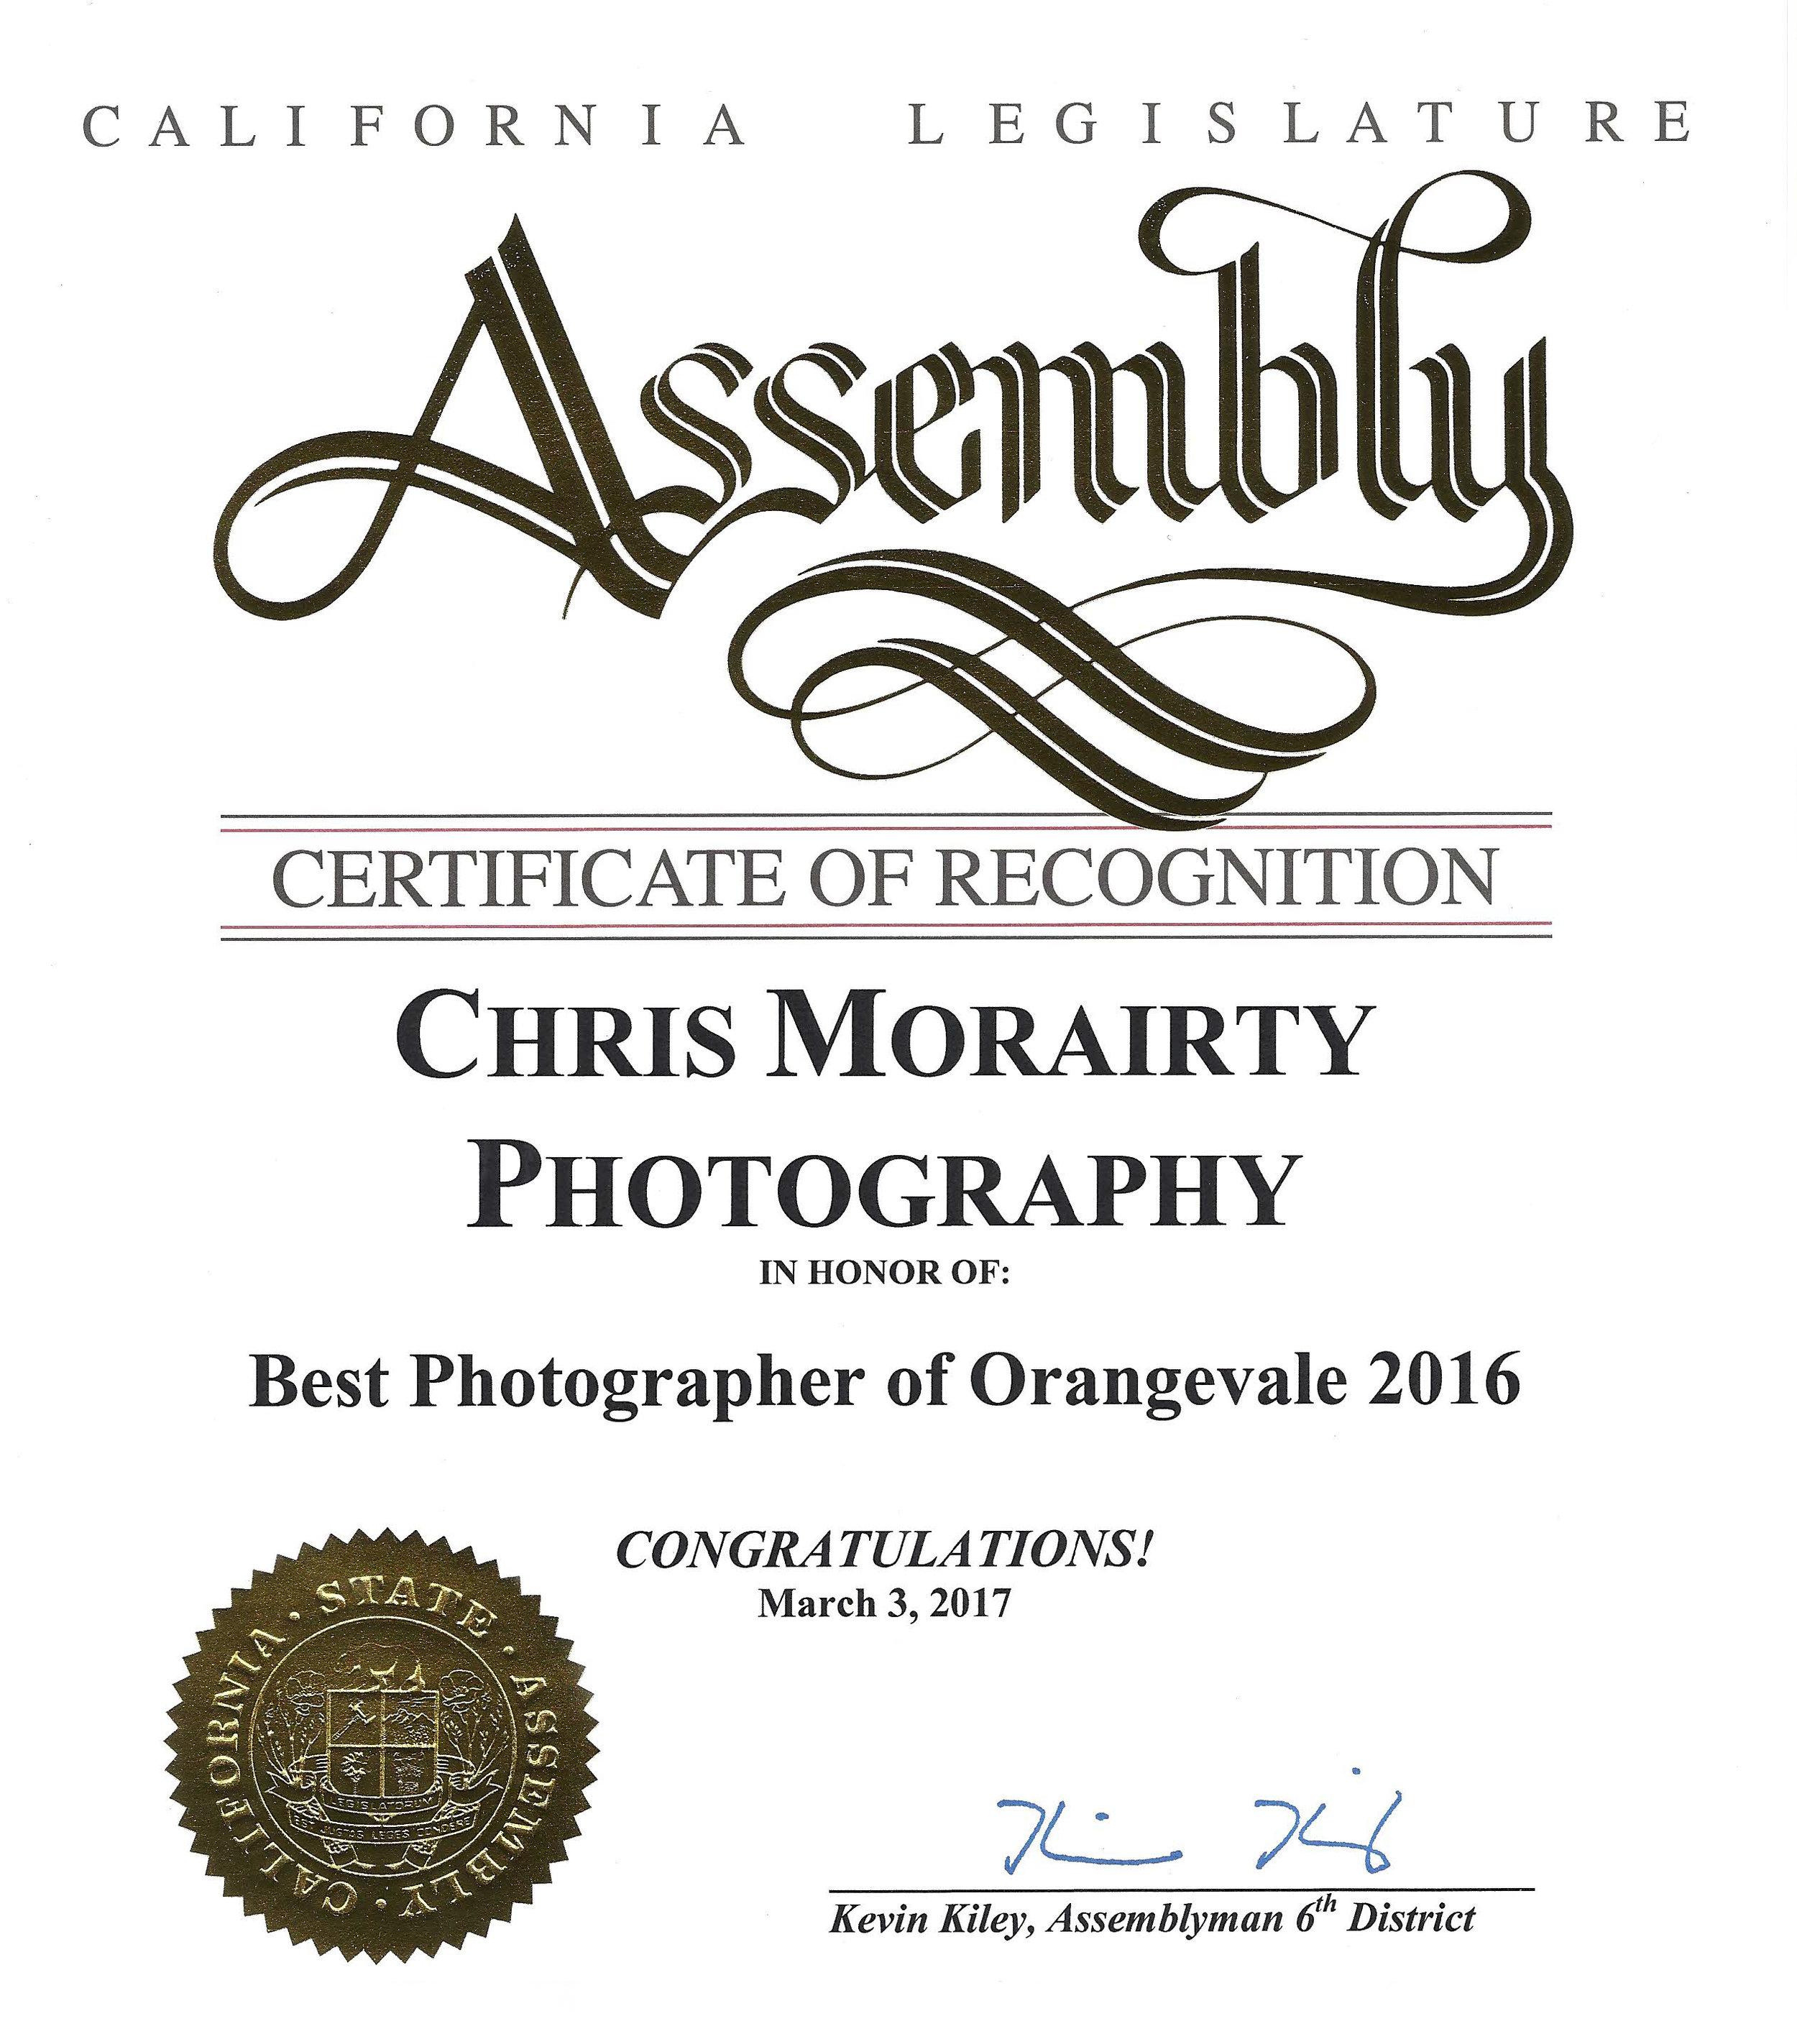 State Assembly Award Shrunken.jpg